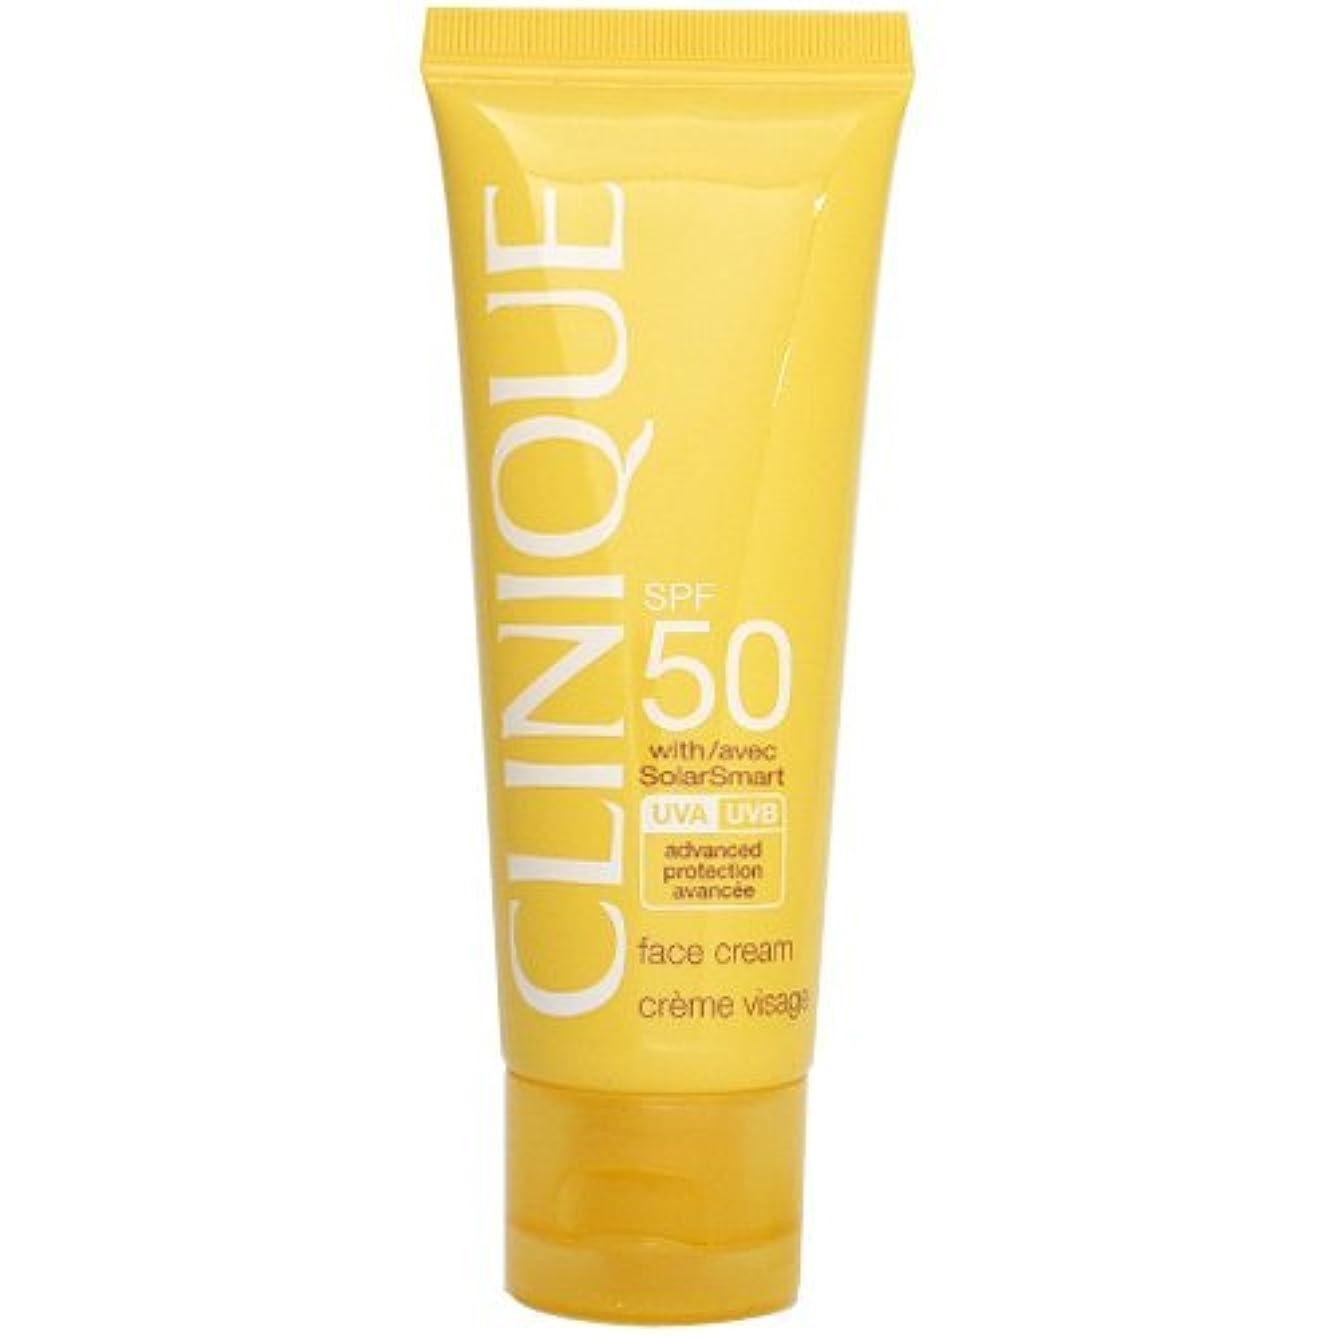 きちんとした縫うクリニーク CLINIQUE SPF50 フェース クリーム SPF 50 PA+++ 50mL 【並行輸入品】